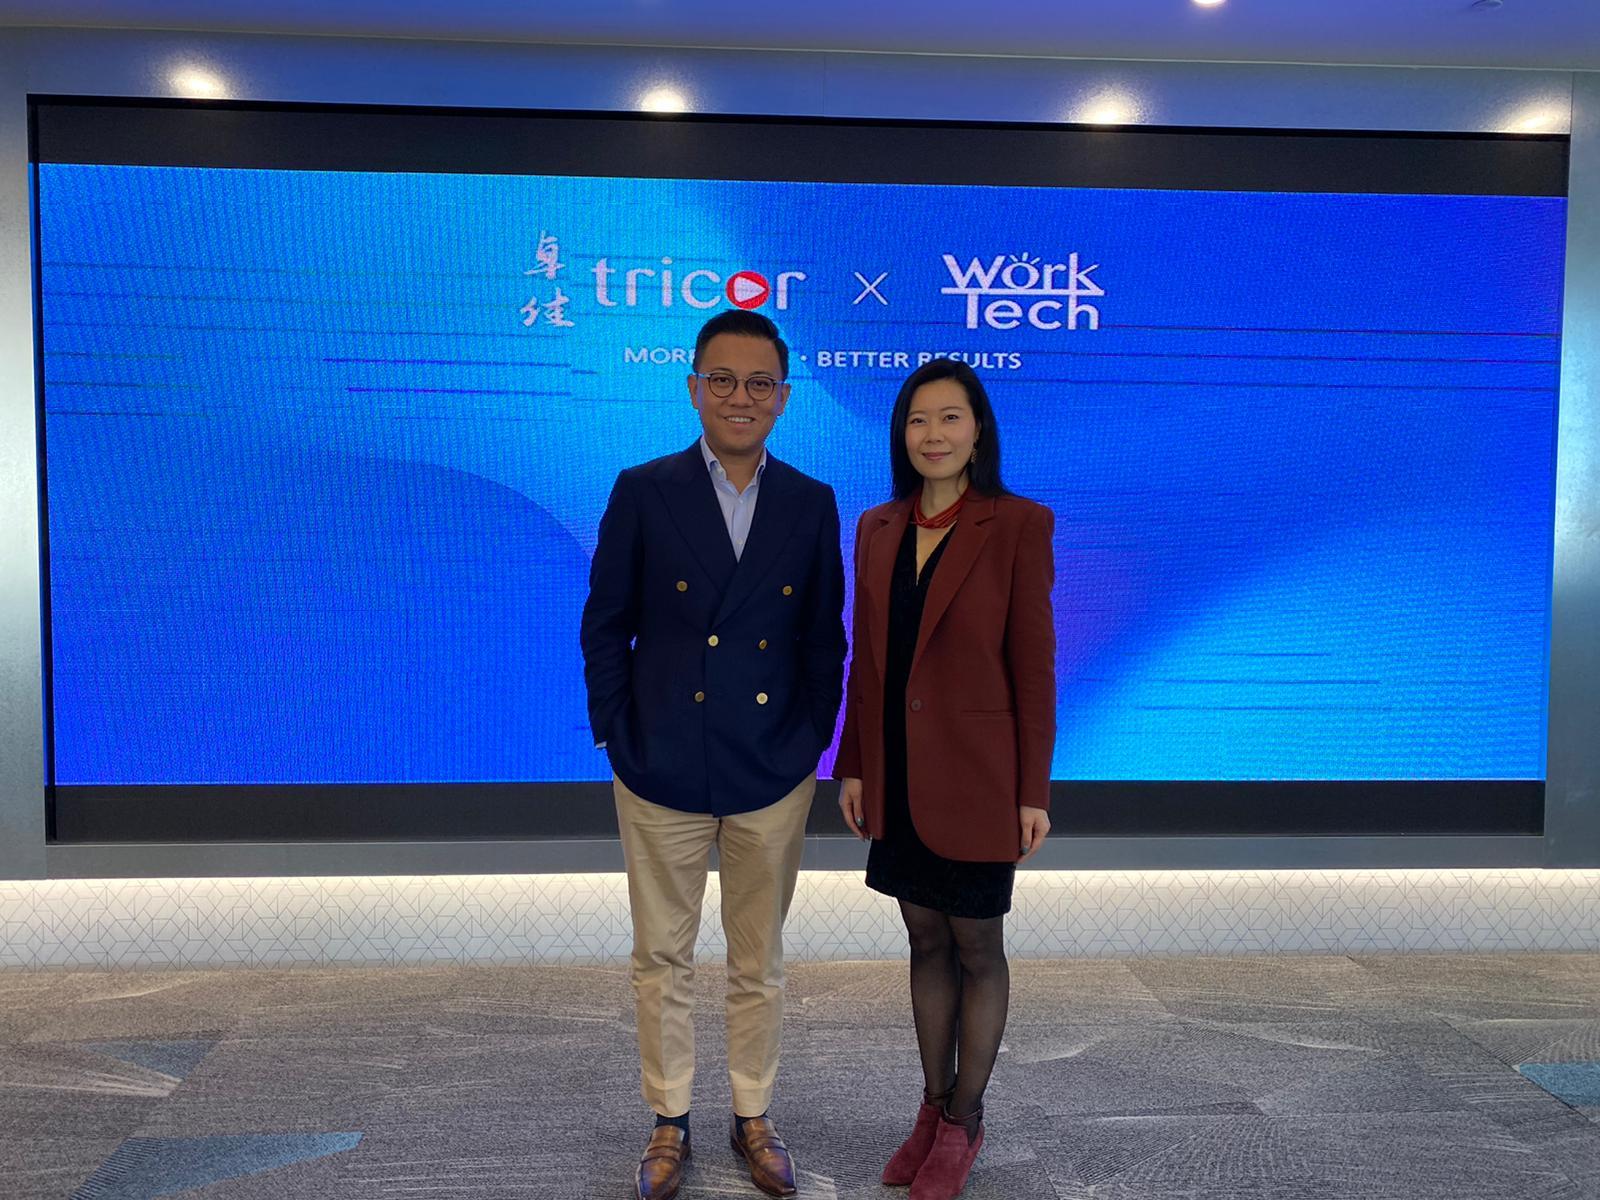 卓佳集團與WorkTech達成戰略合作關係共享辦公室勢成舉辦股東大會新熱點